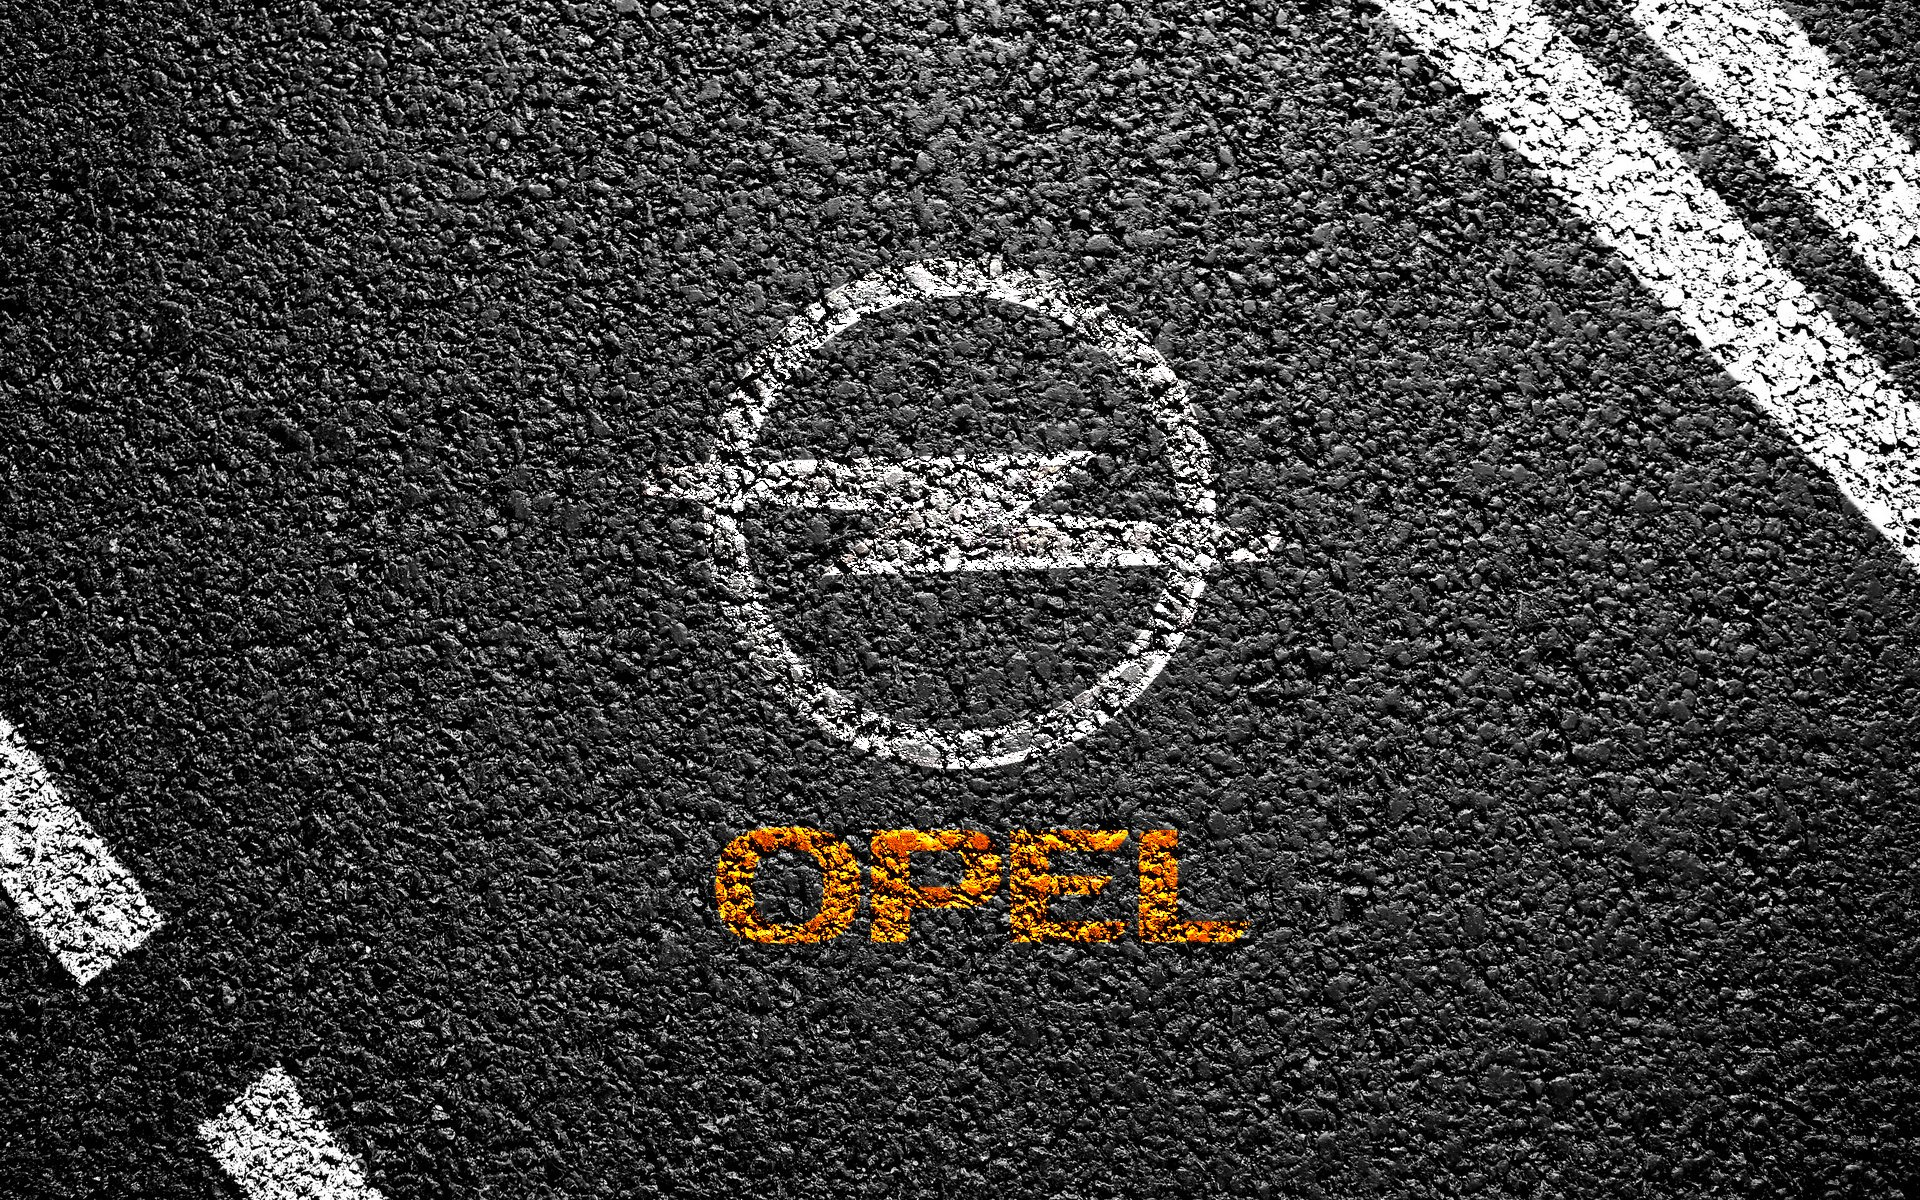 Opel Wallpaper 2   1920 X 1200 stmednet 1920x1200